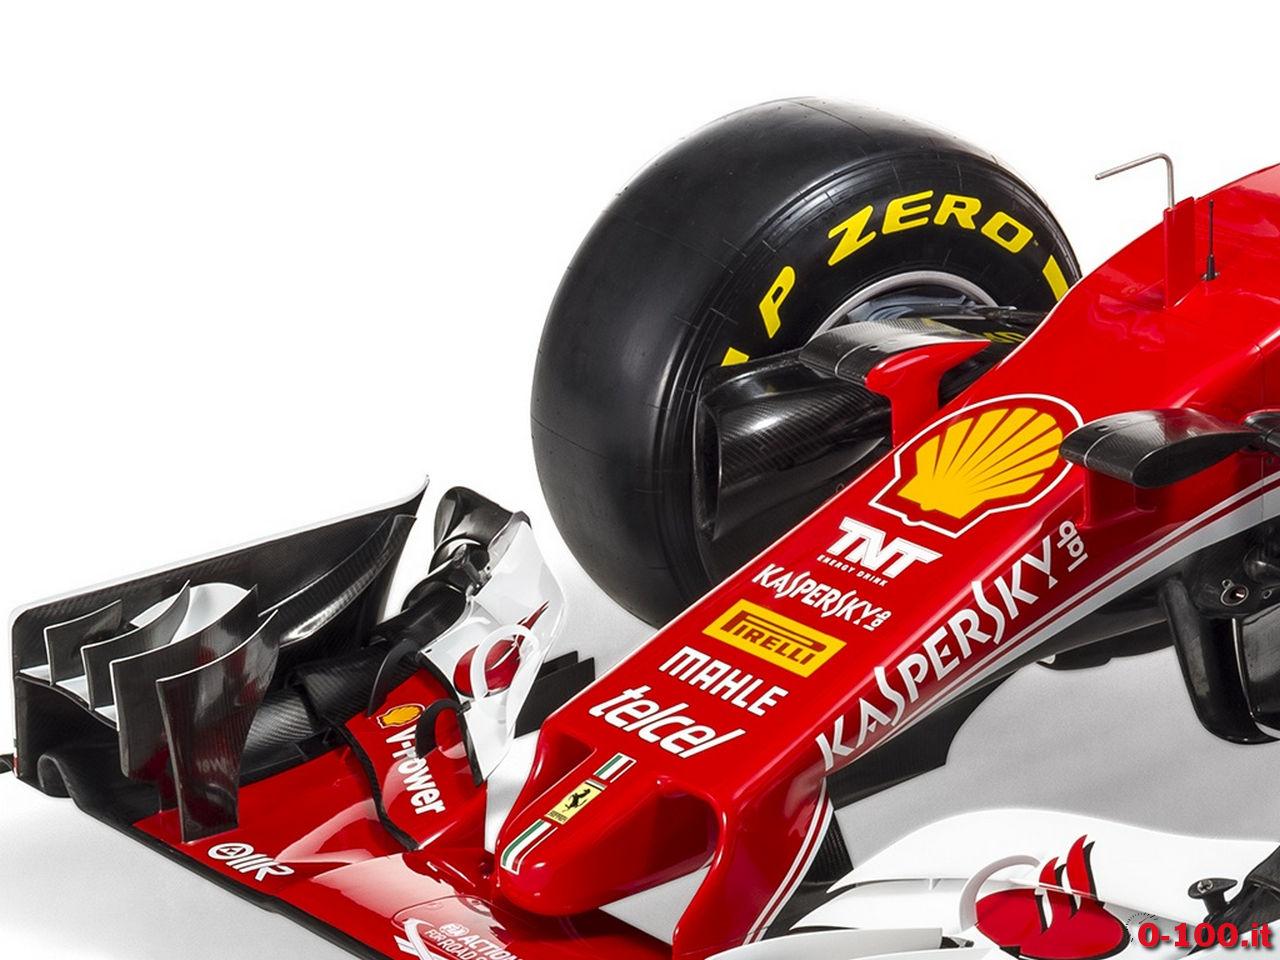 fia-formula-1-2016-ferrari-sf16-h-vettel-raikkonen_0-100_18